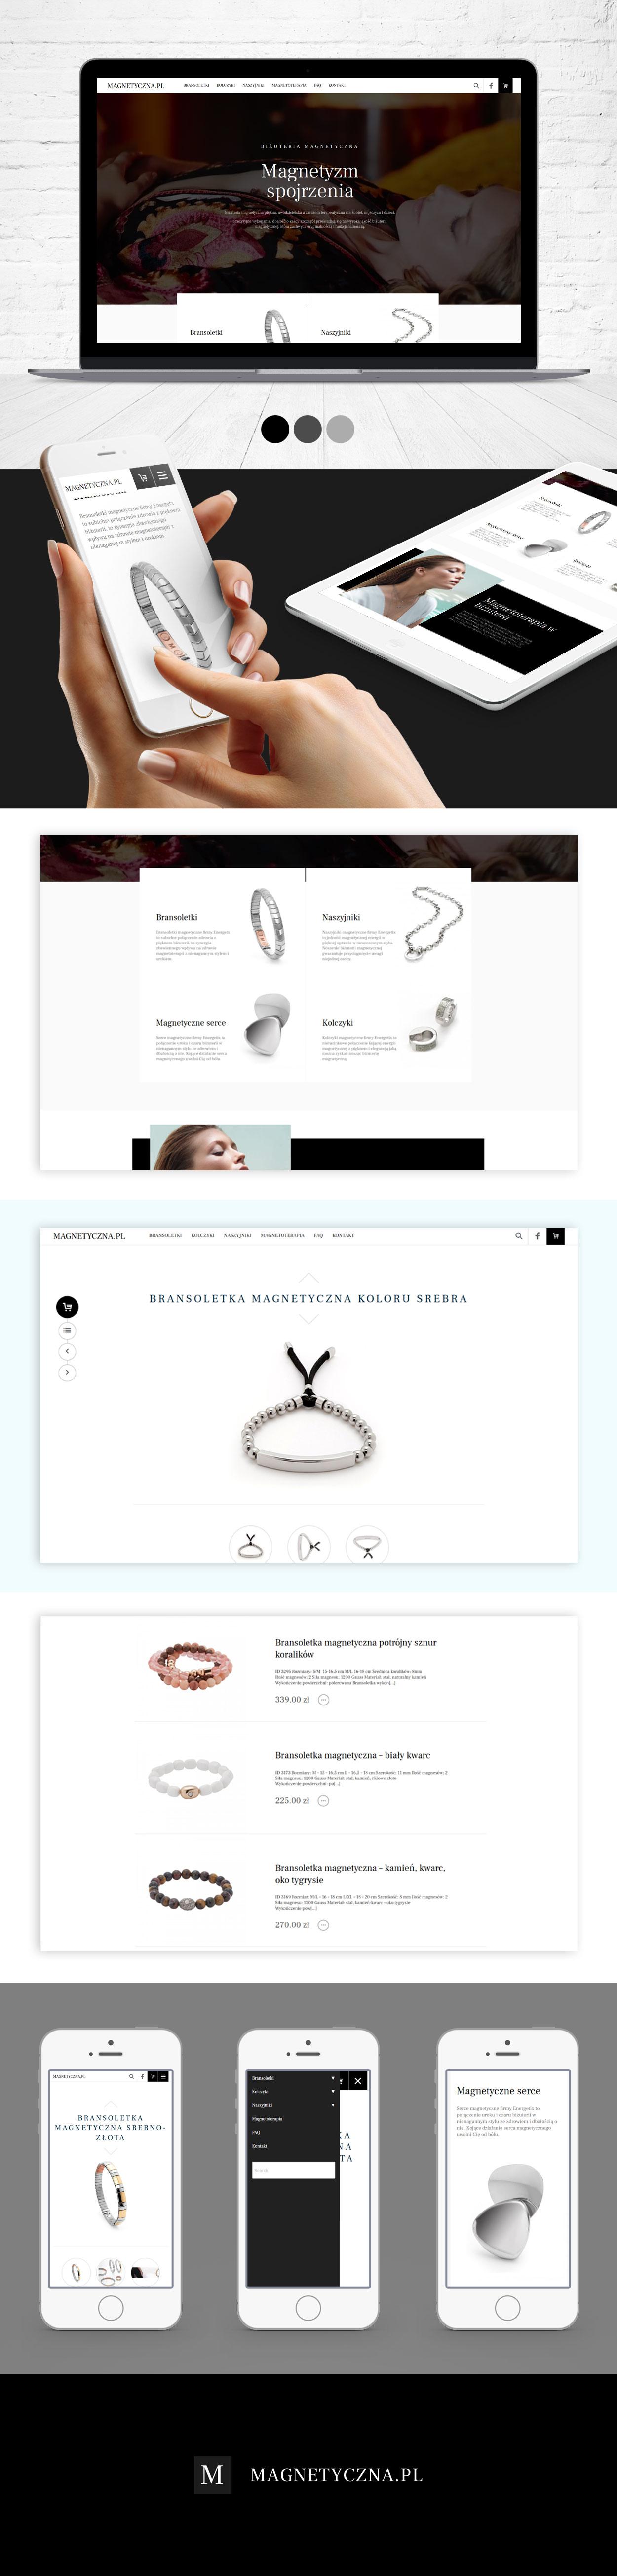 sklep internetowy bizuteria magnetyczna pl - Sklep internetowy z biżuterią magnetyczną - Magnetyczna.pl